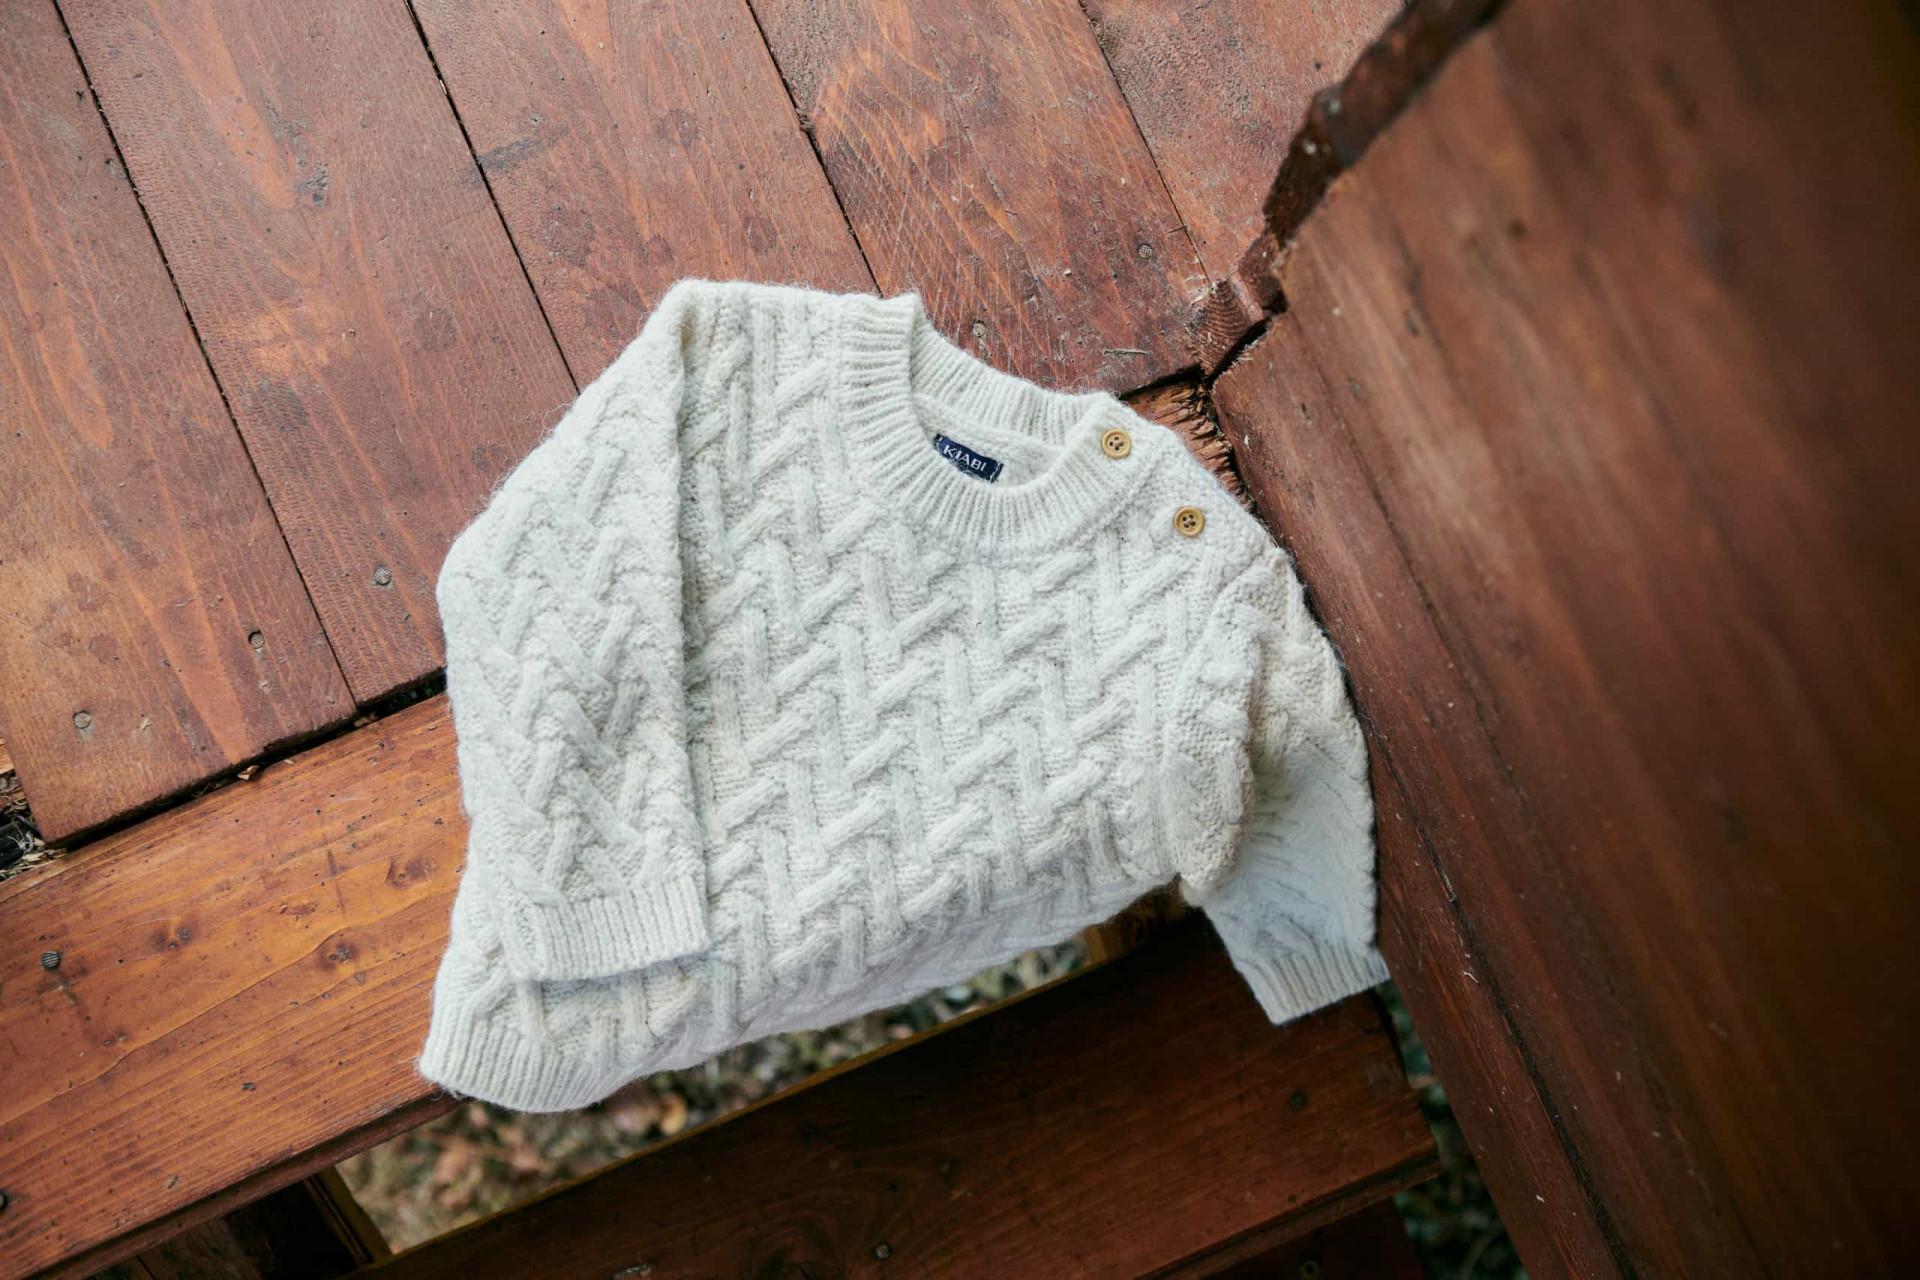 Para a Kiabi, as camisolas são a peça 'statement' deste inverno